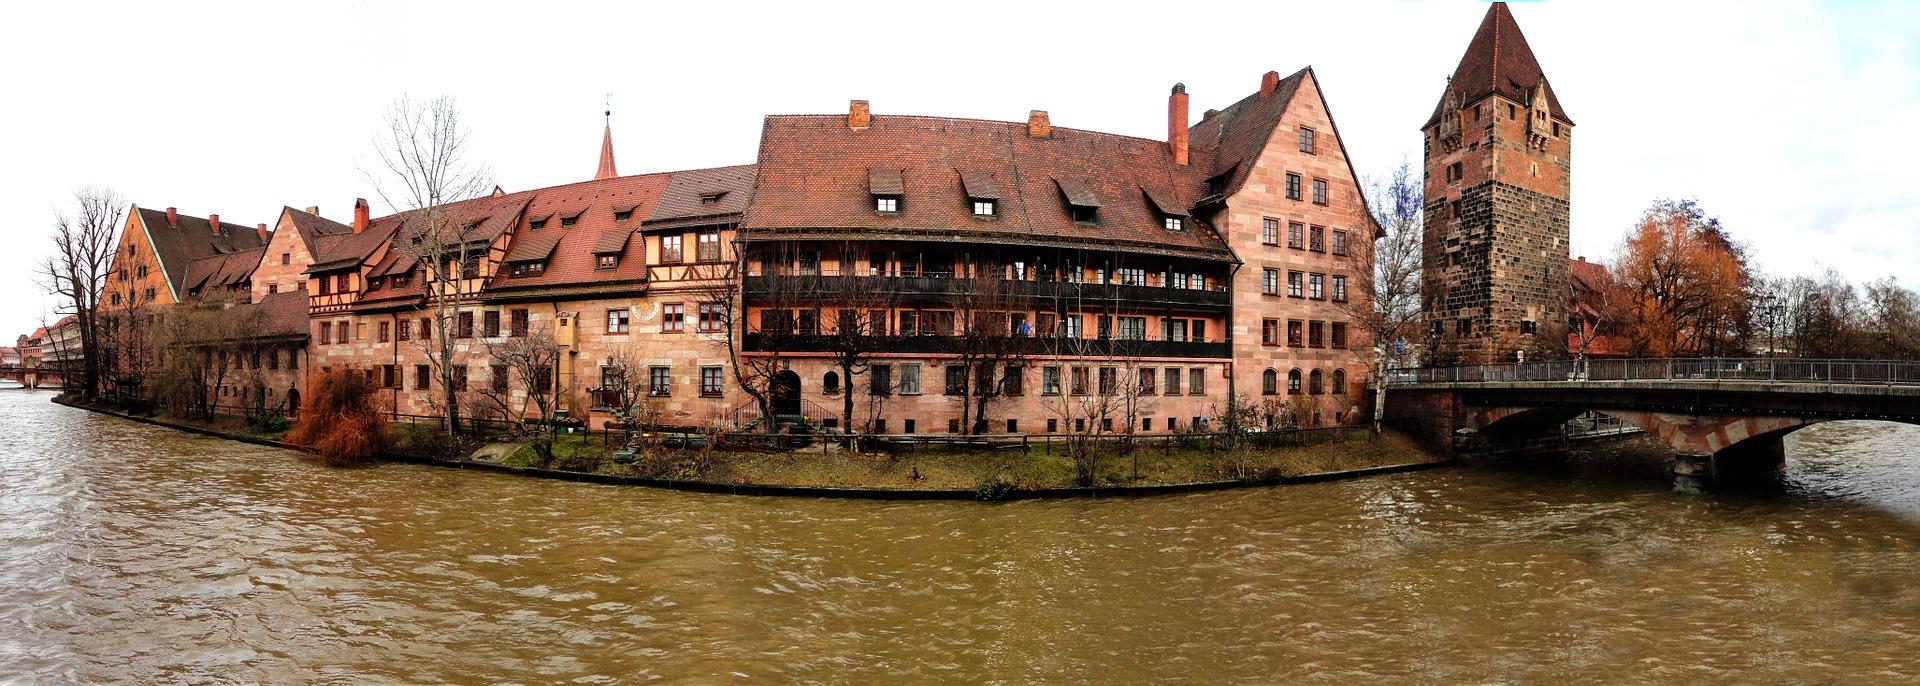 Quelle: https://pixabay.com/de/n%C3%BCrnberg-altstadt-mittelalter-542520/